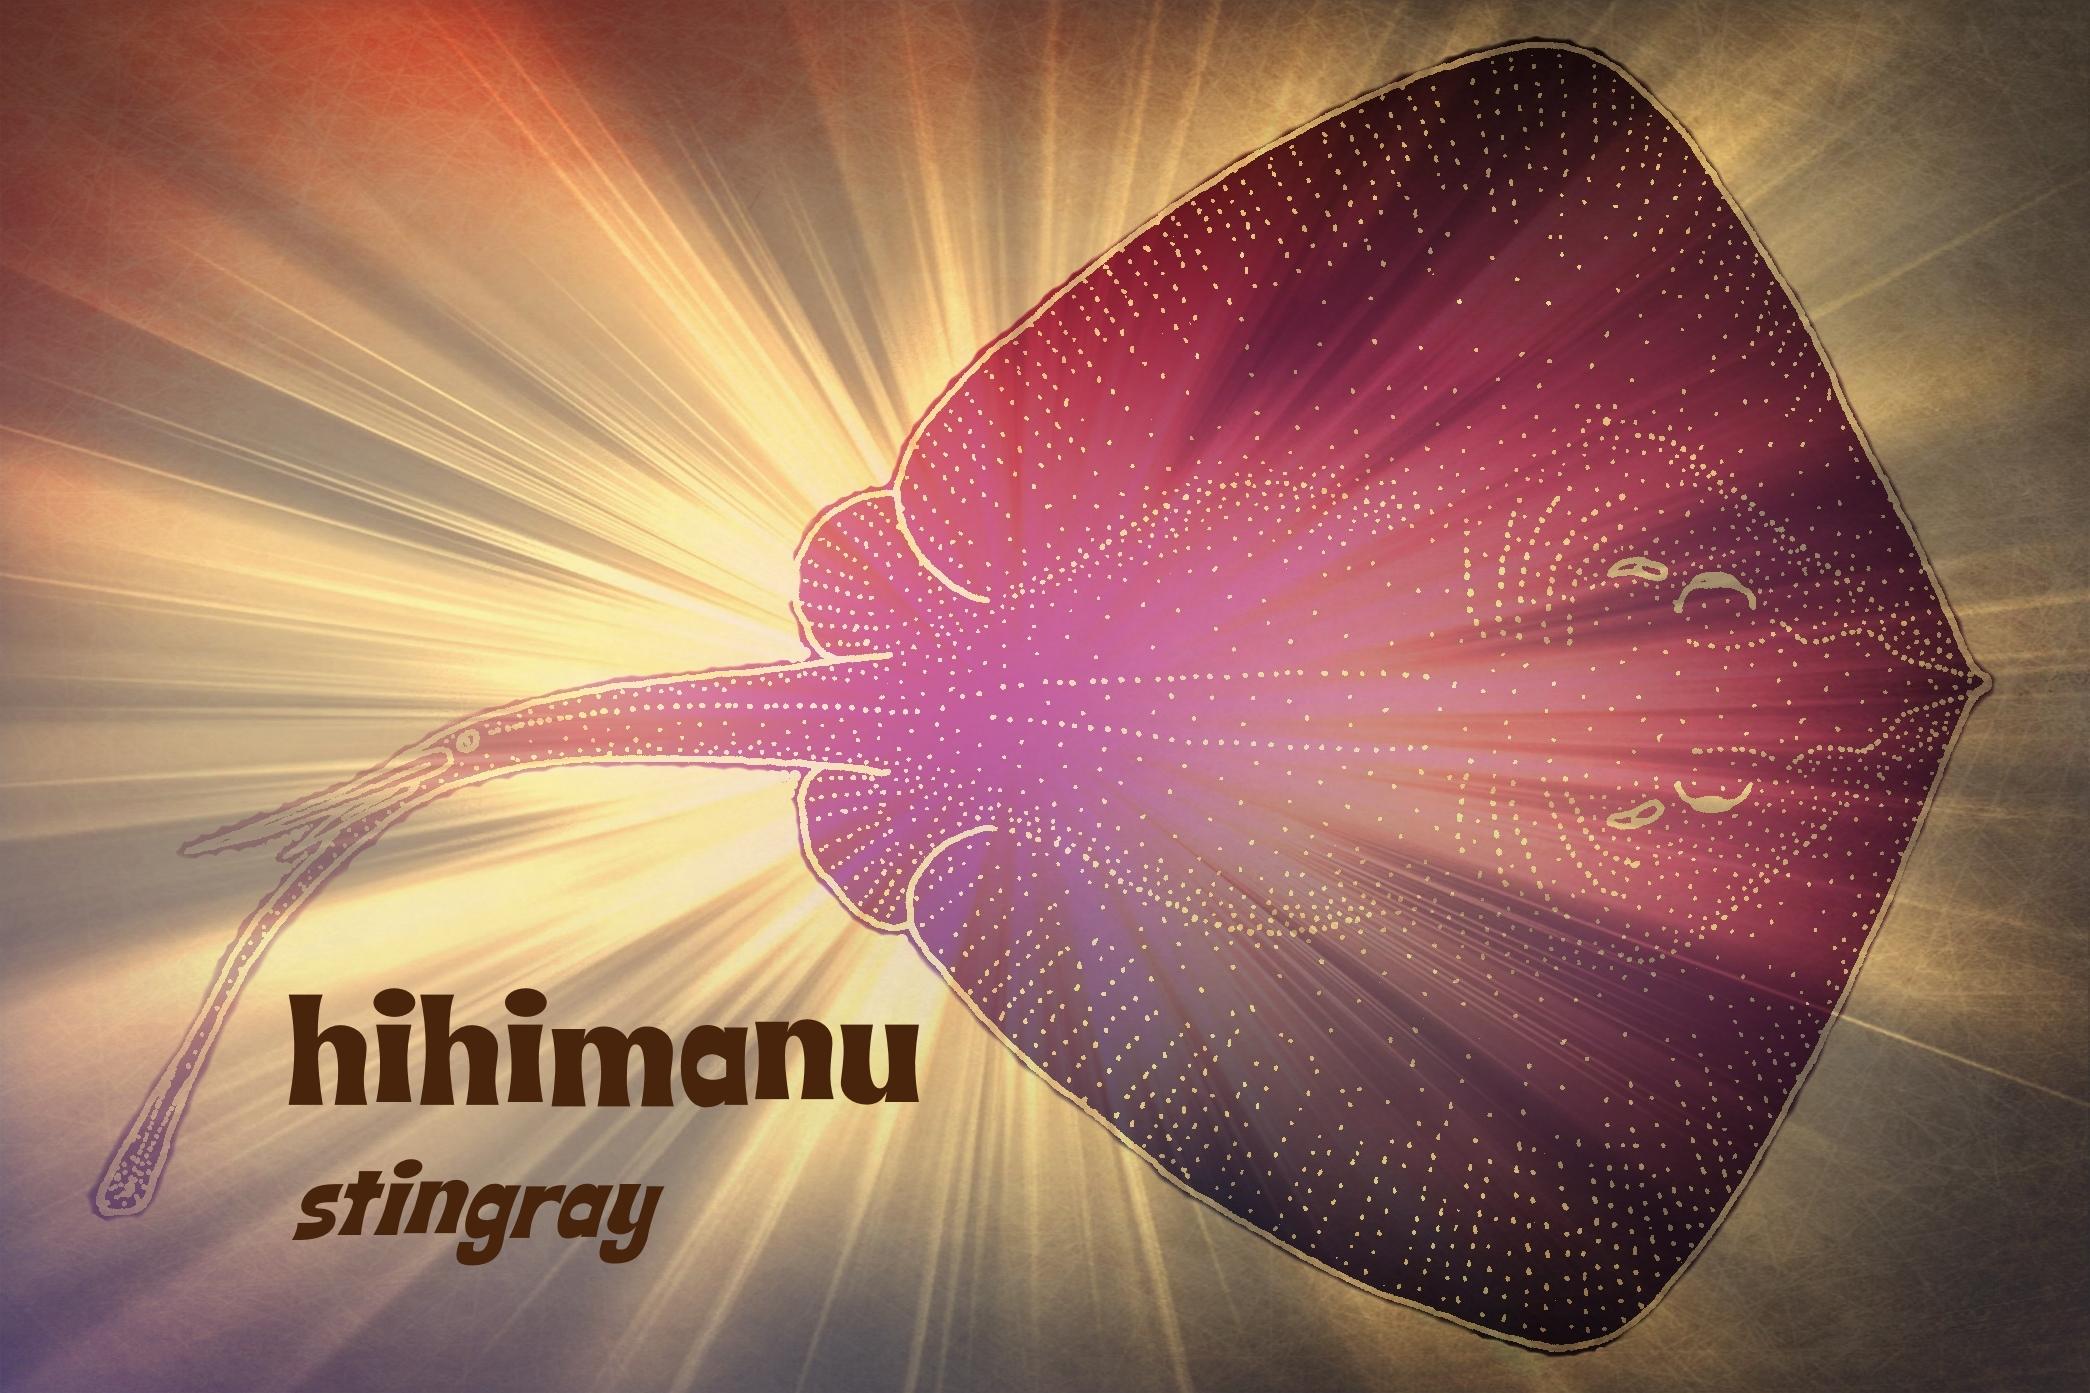 hihimanu